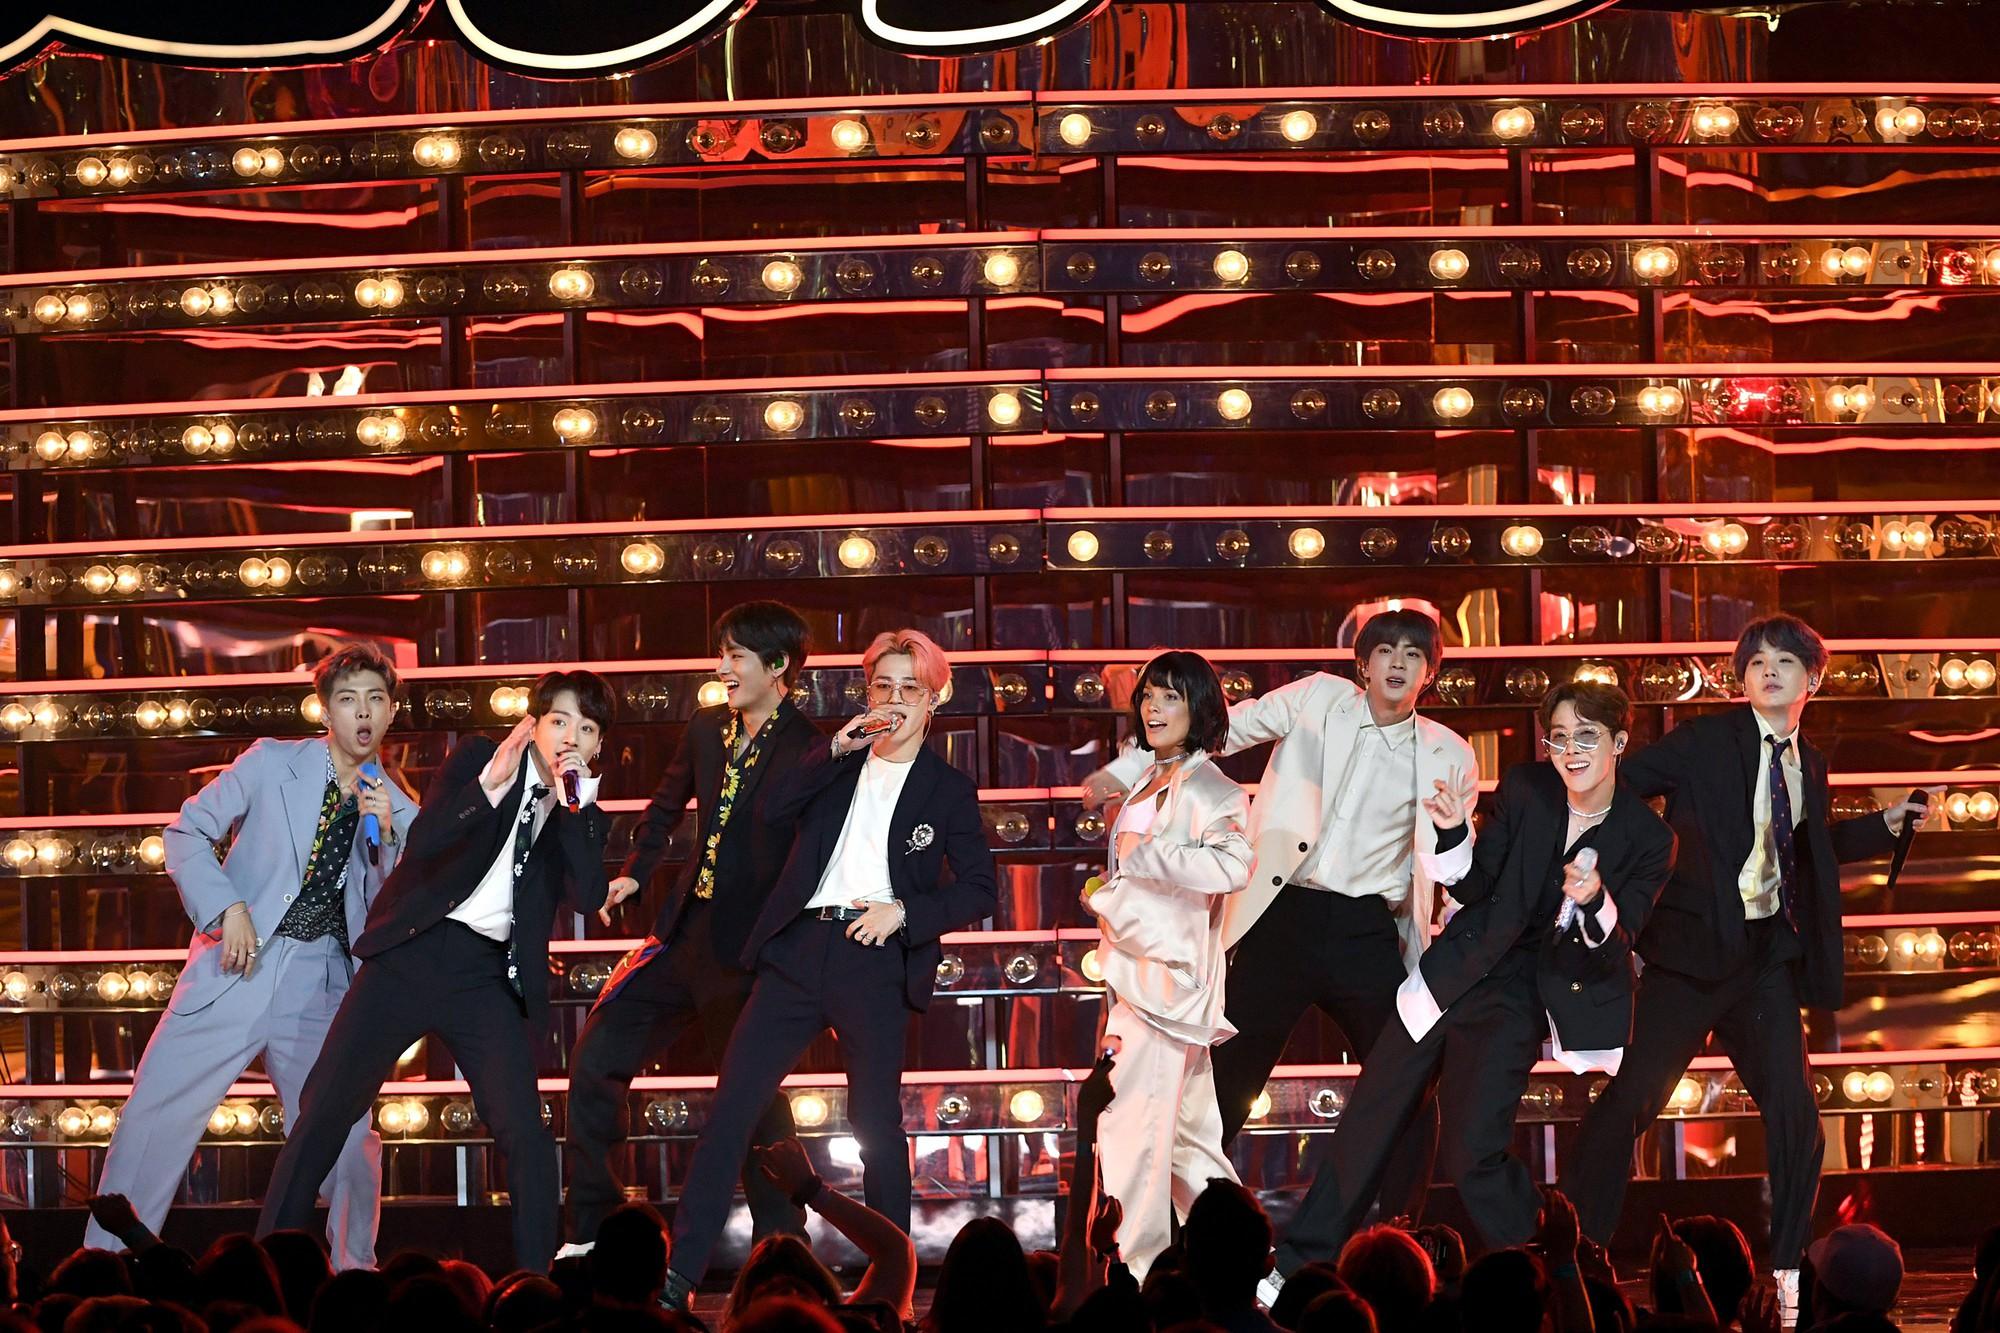 Taylor Swift, BTS và loạt sao đình đám đã cứu lượng người xem Billboard Music Awards từ vực sâu! - Ảnh 2.